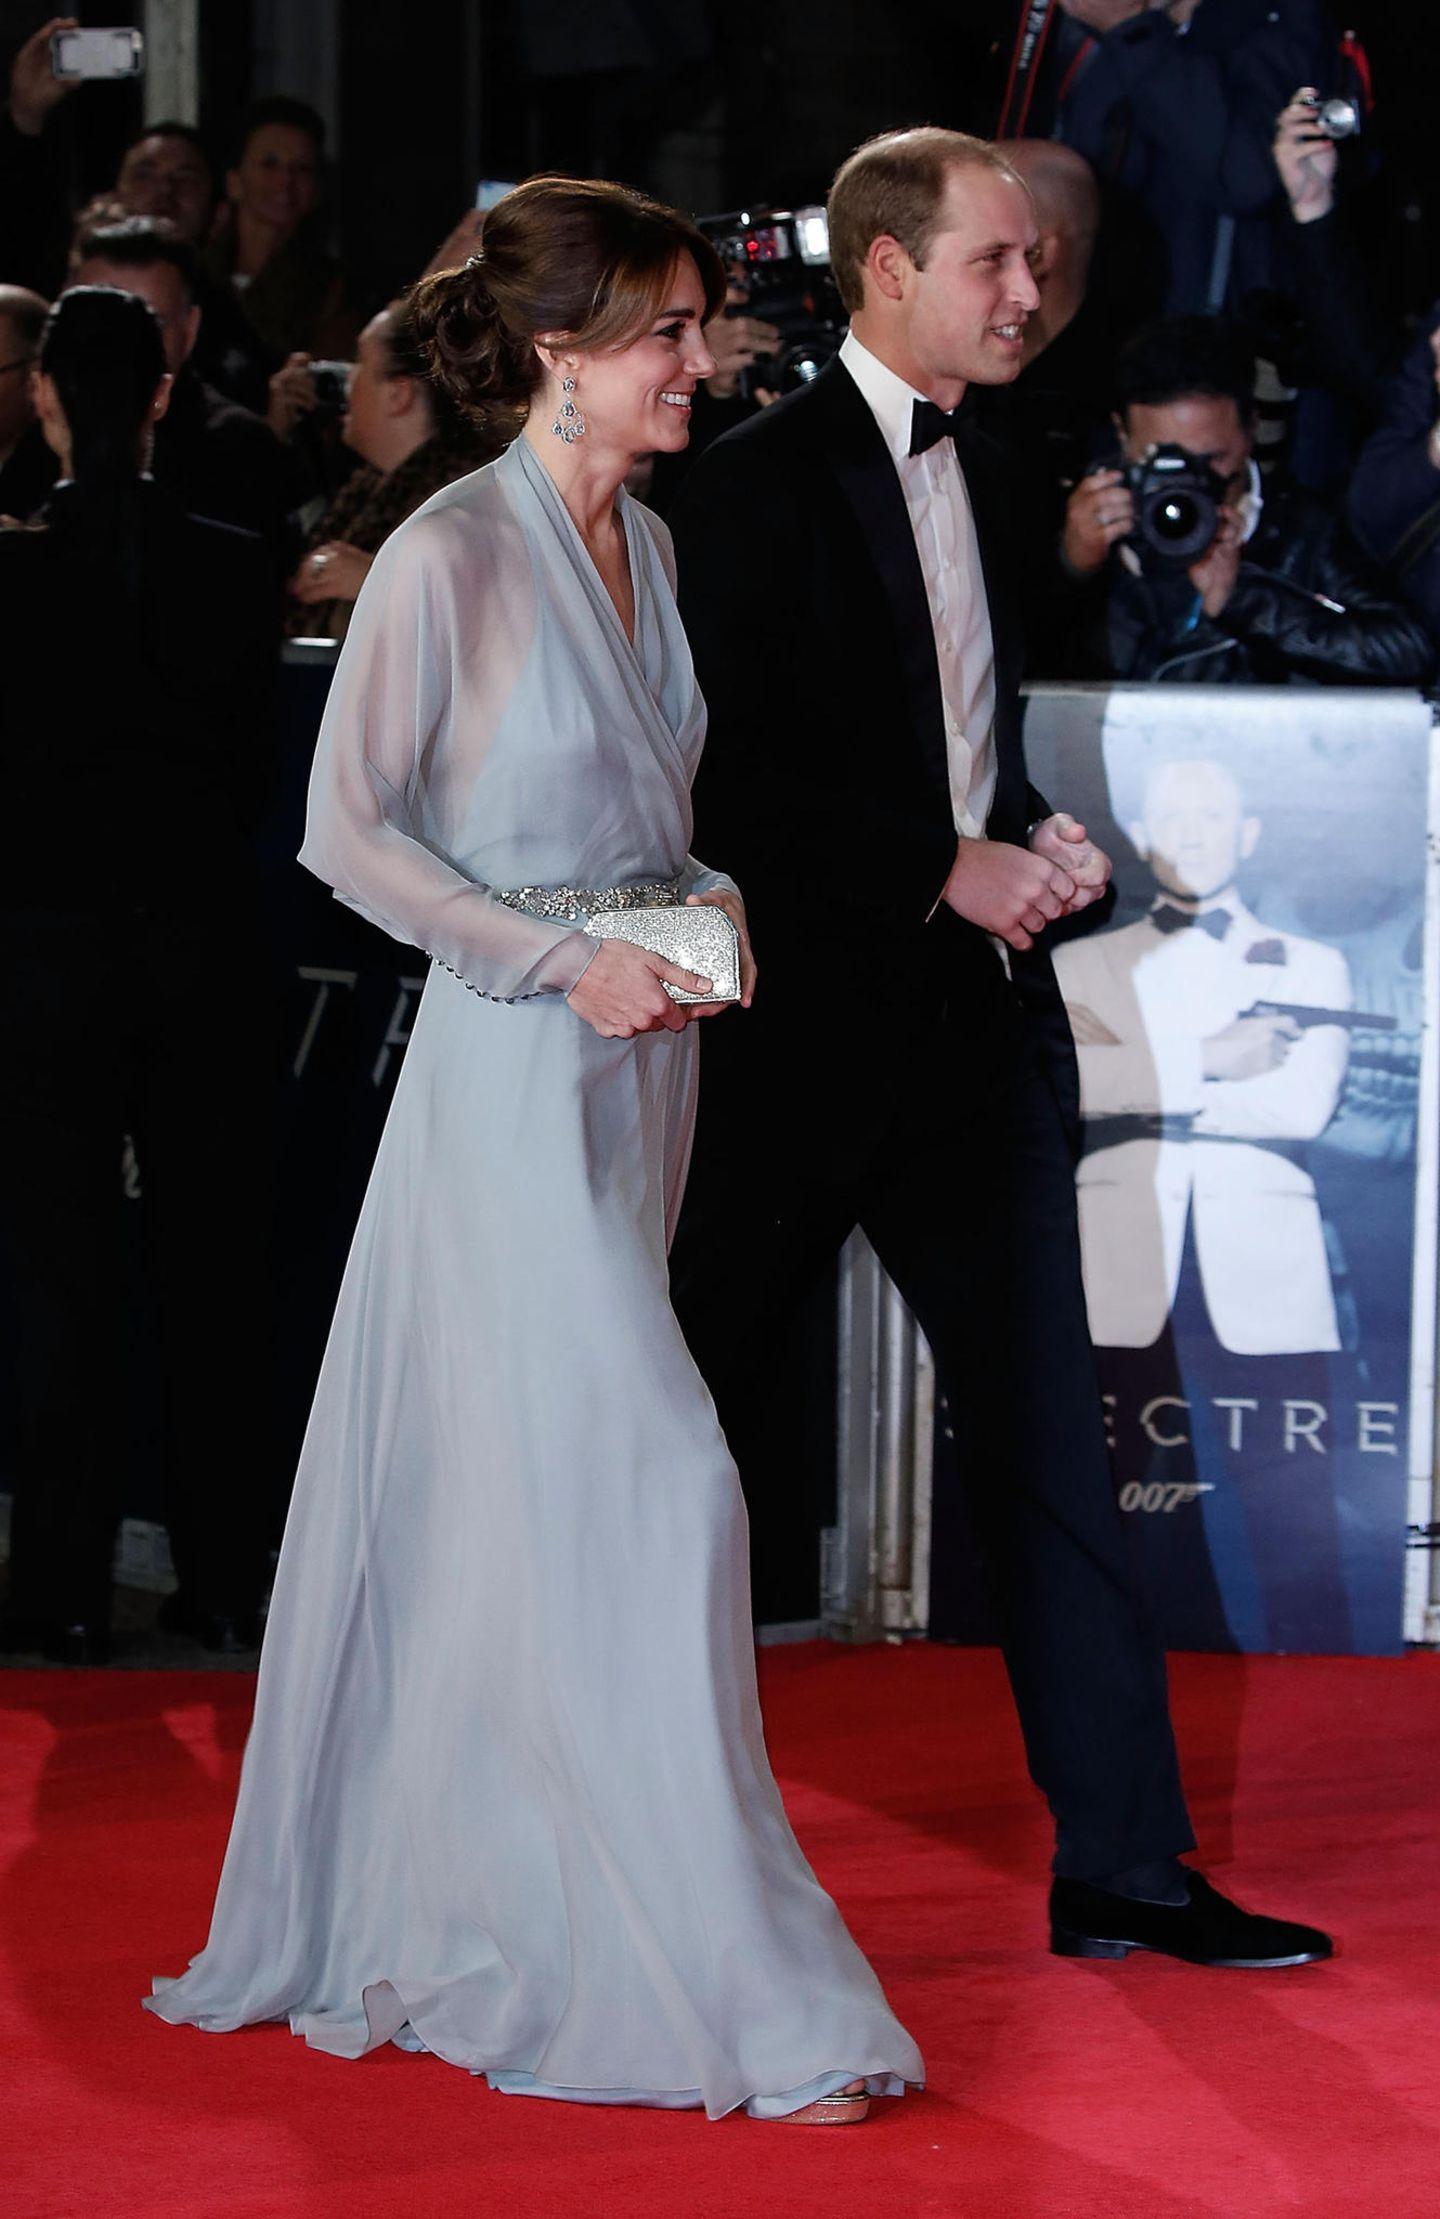 Skandalkleider der Royals: Kate Middleton mit Prinz William auf dem roten Teppich